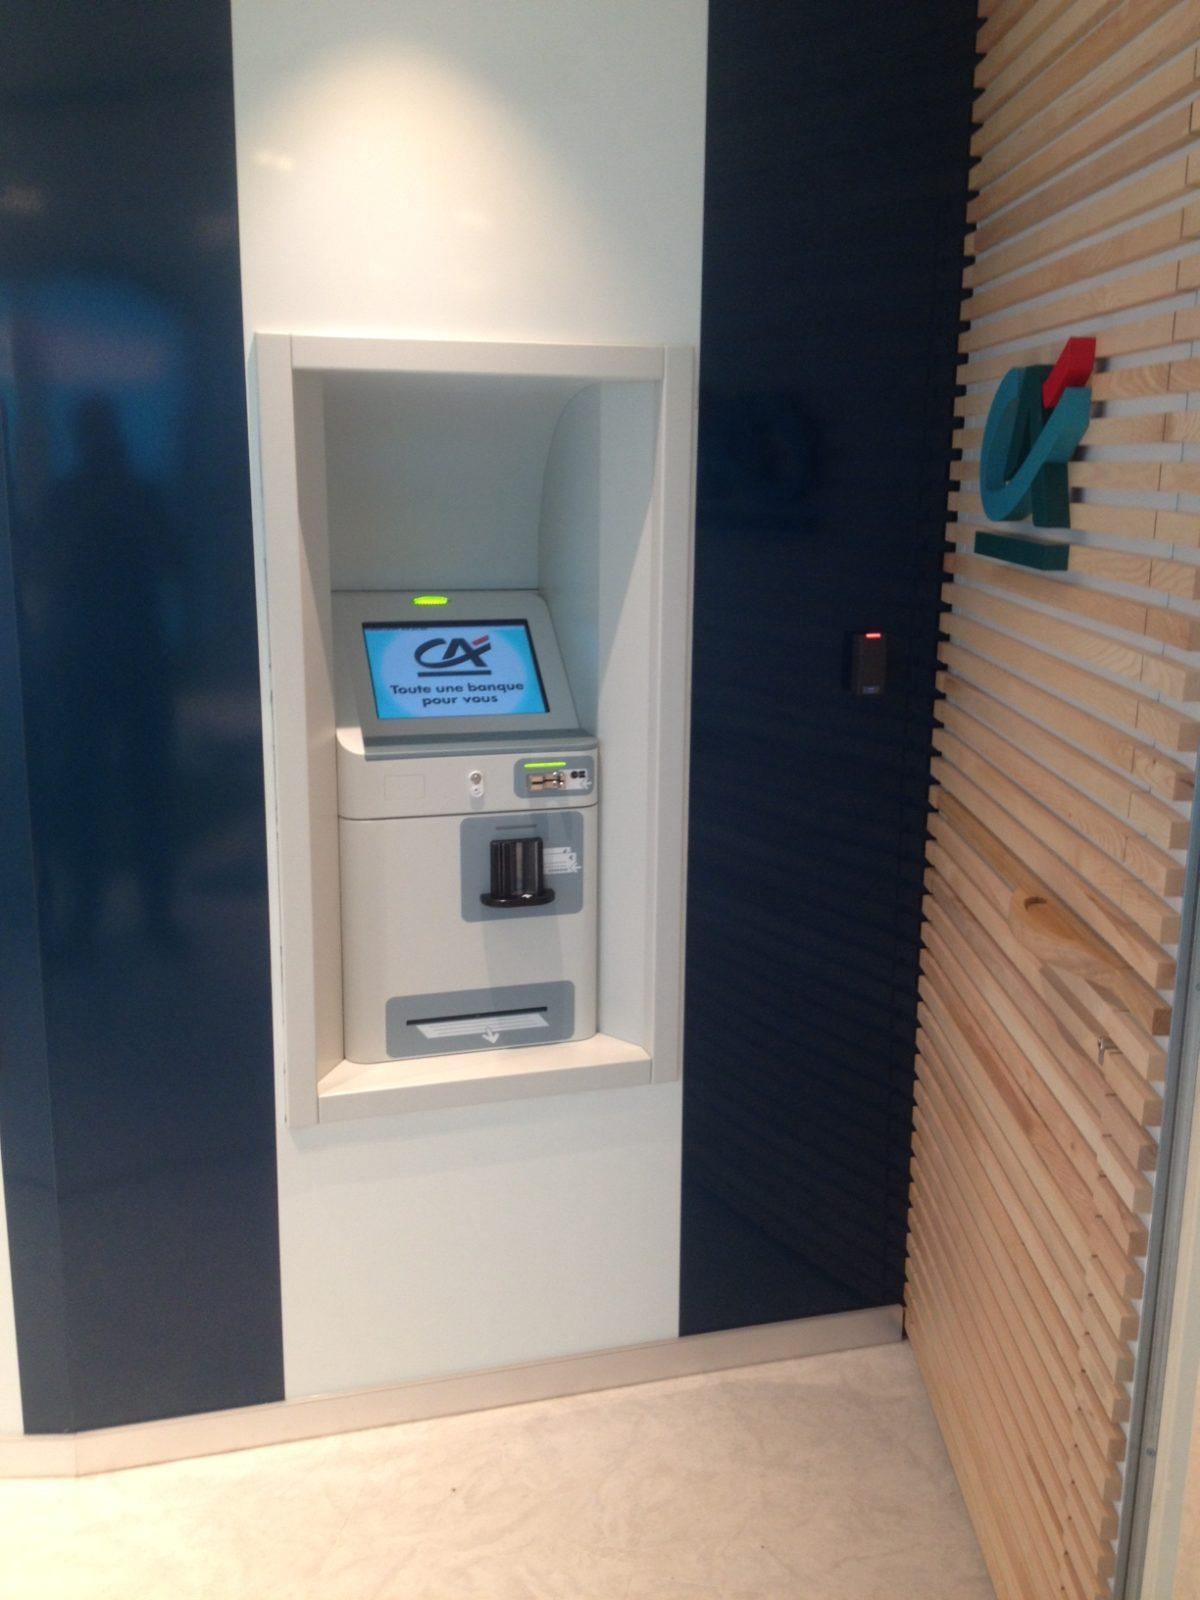 Constructeur d'automate bancaire